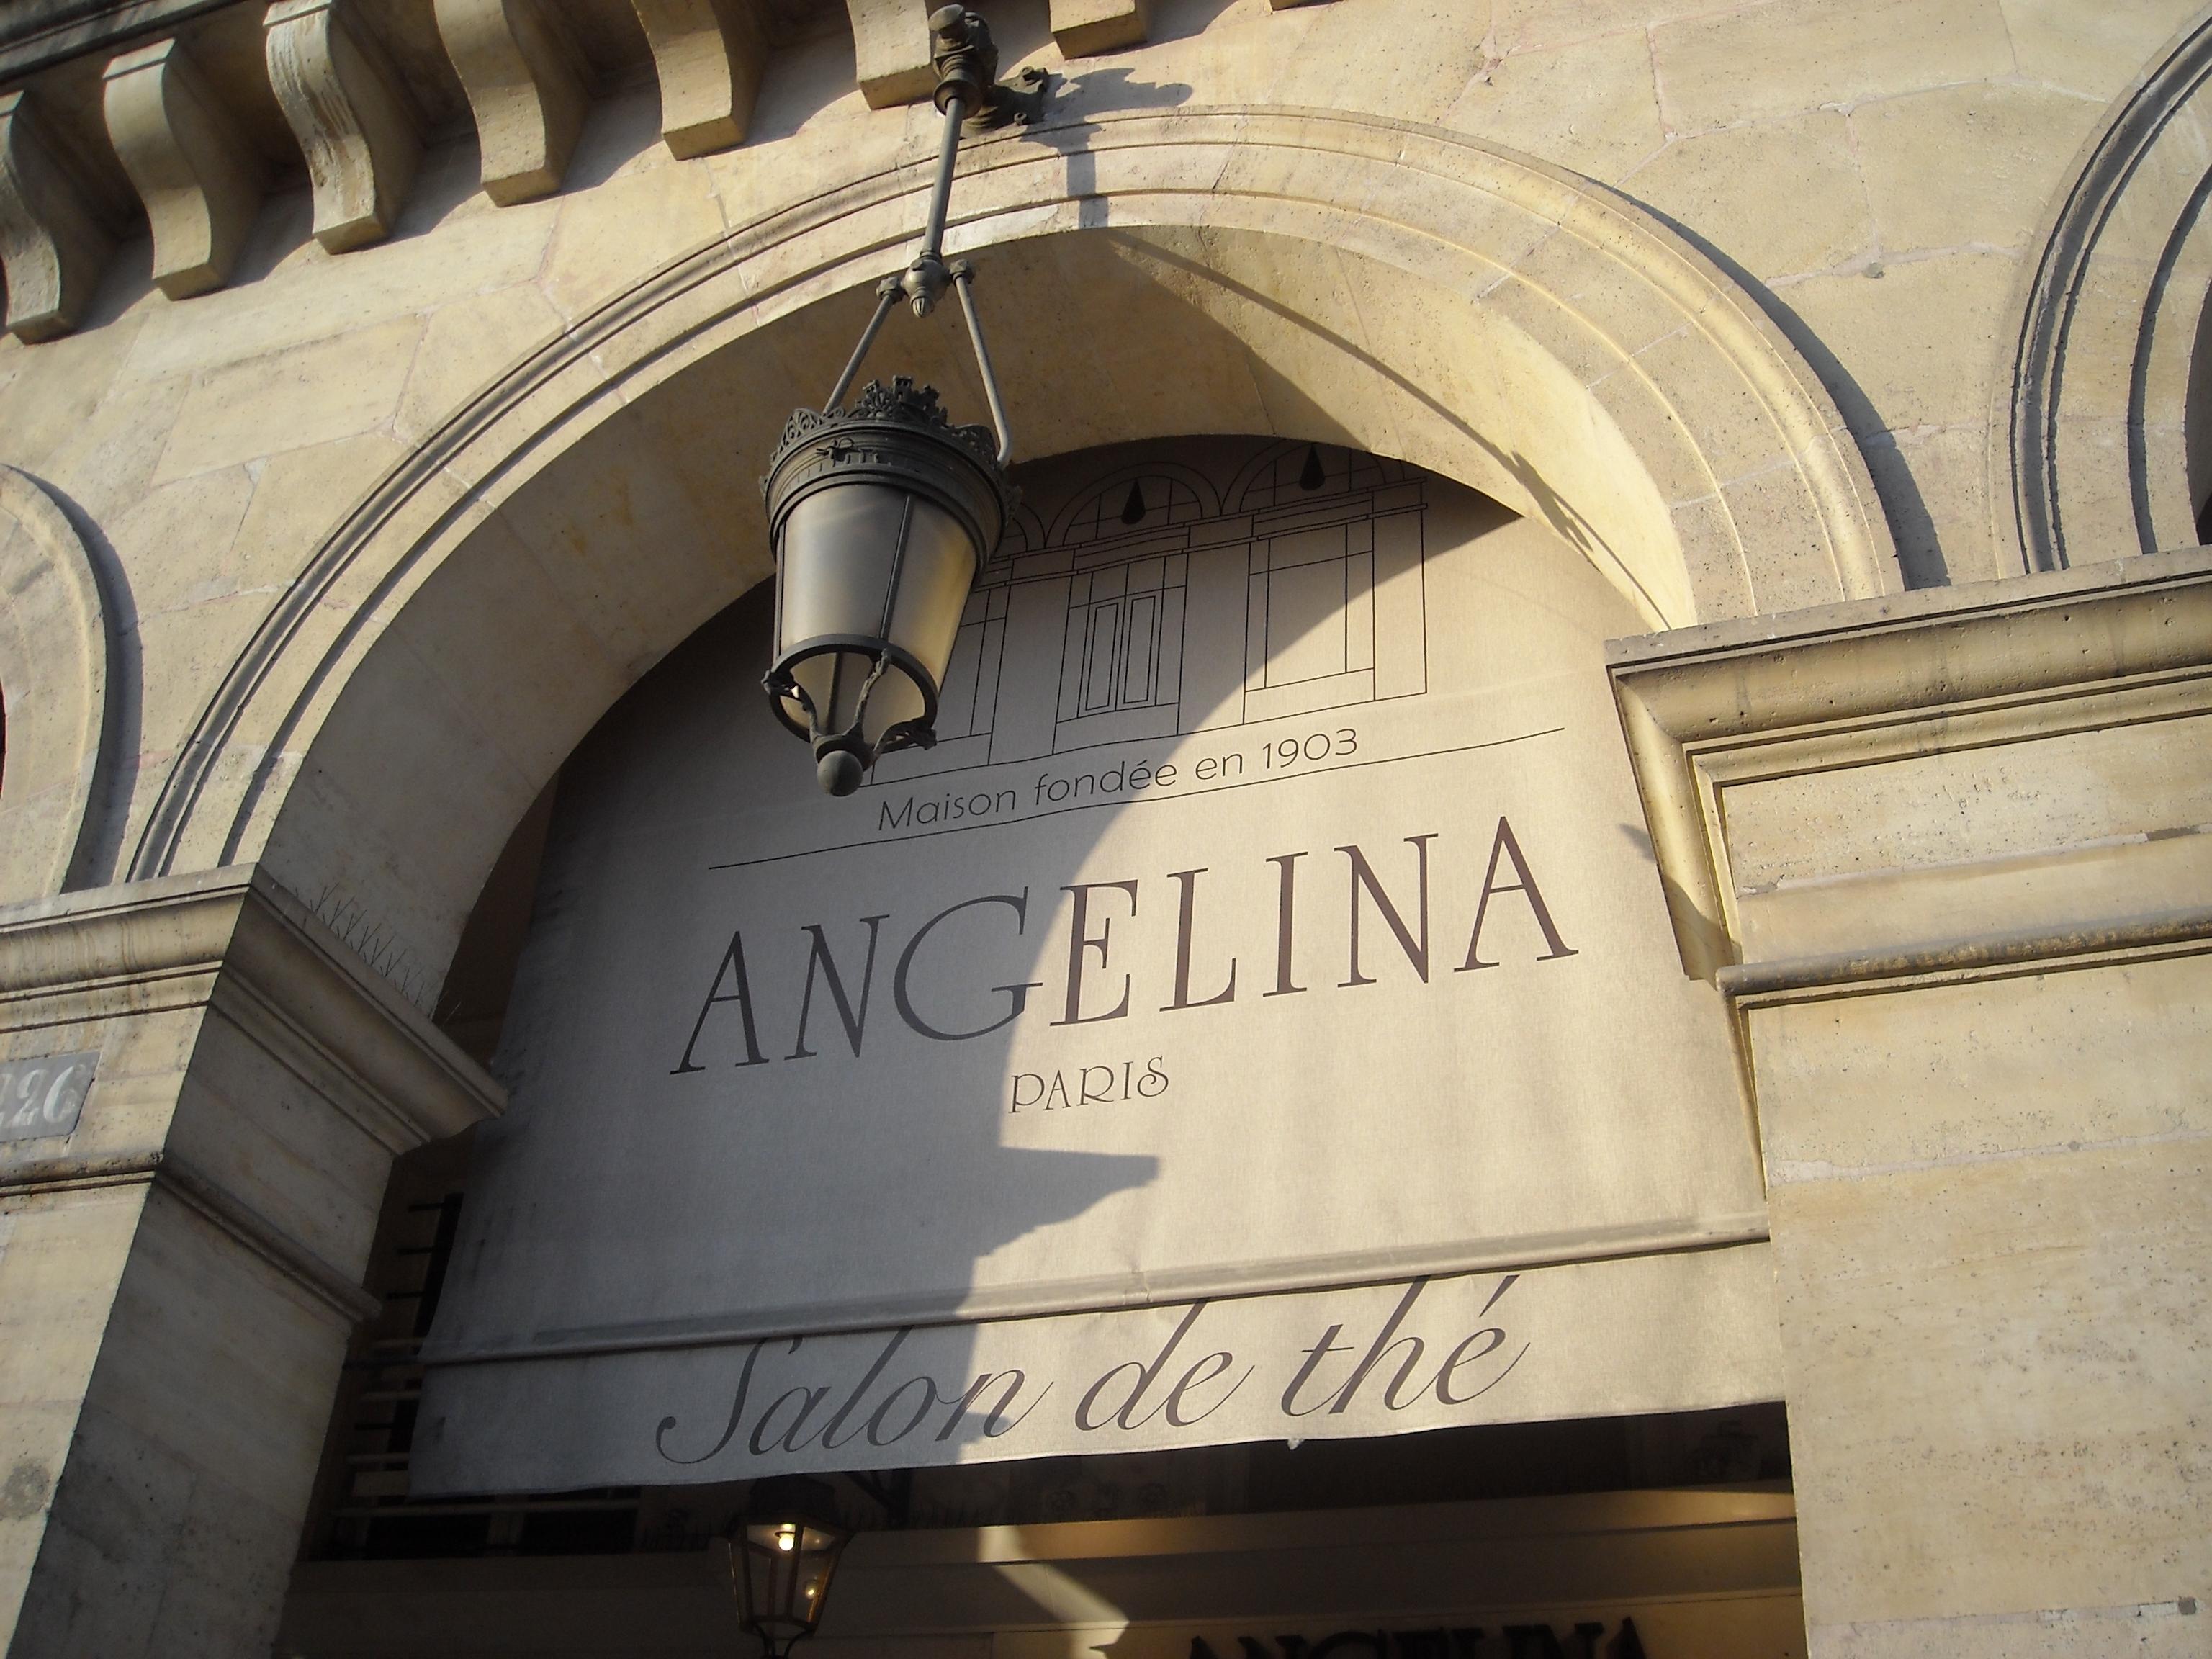 Angelina caf - Angelina salon de the ...